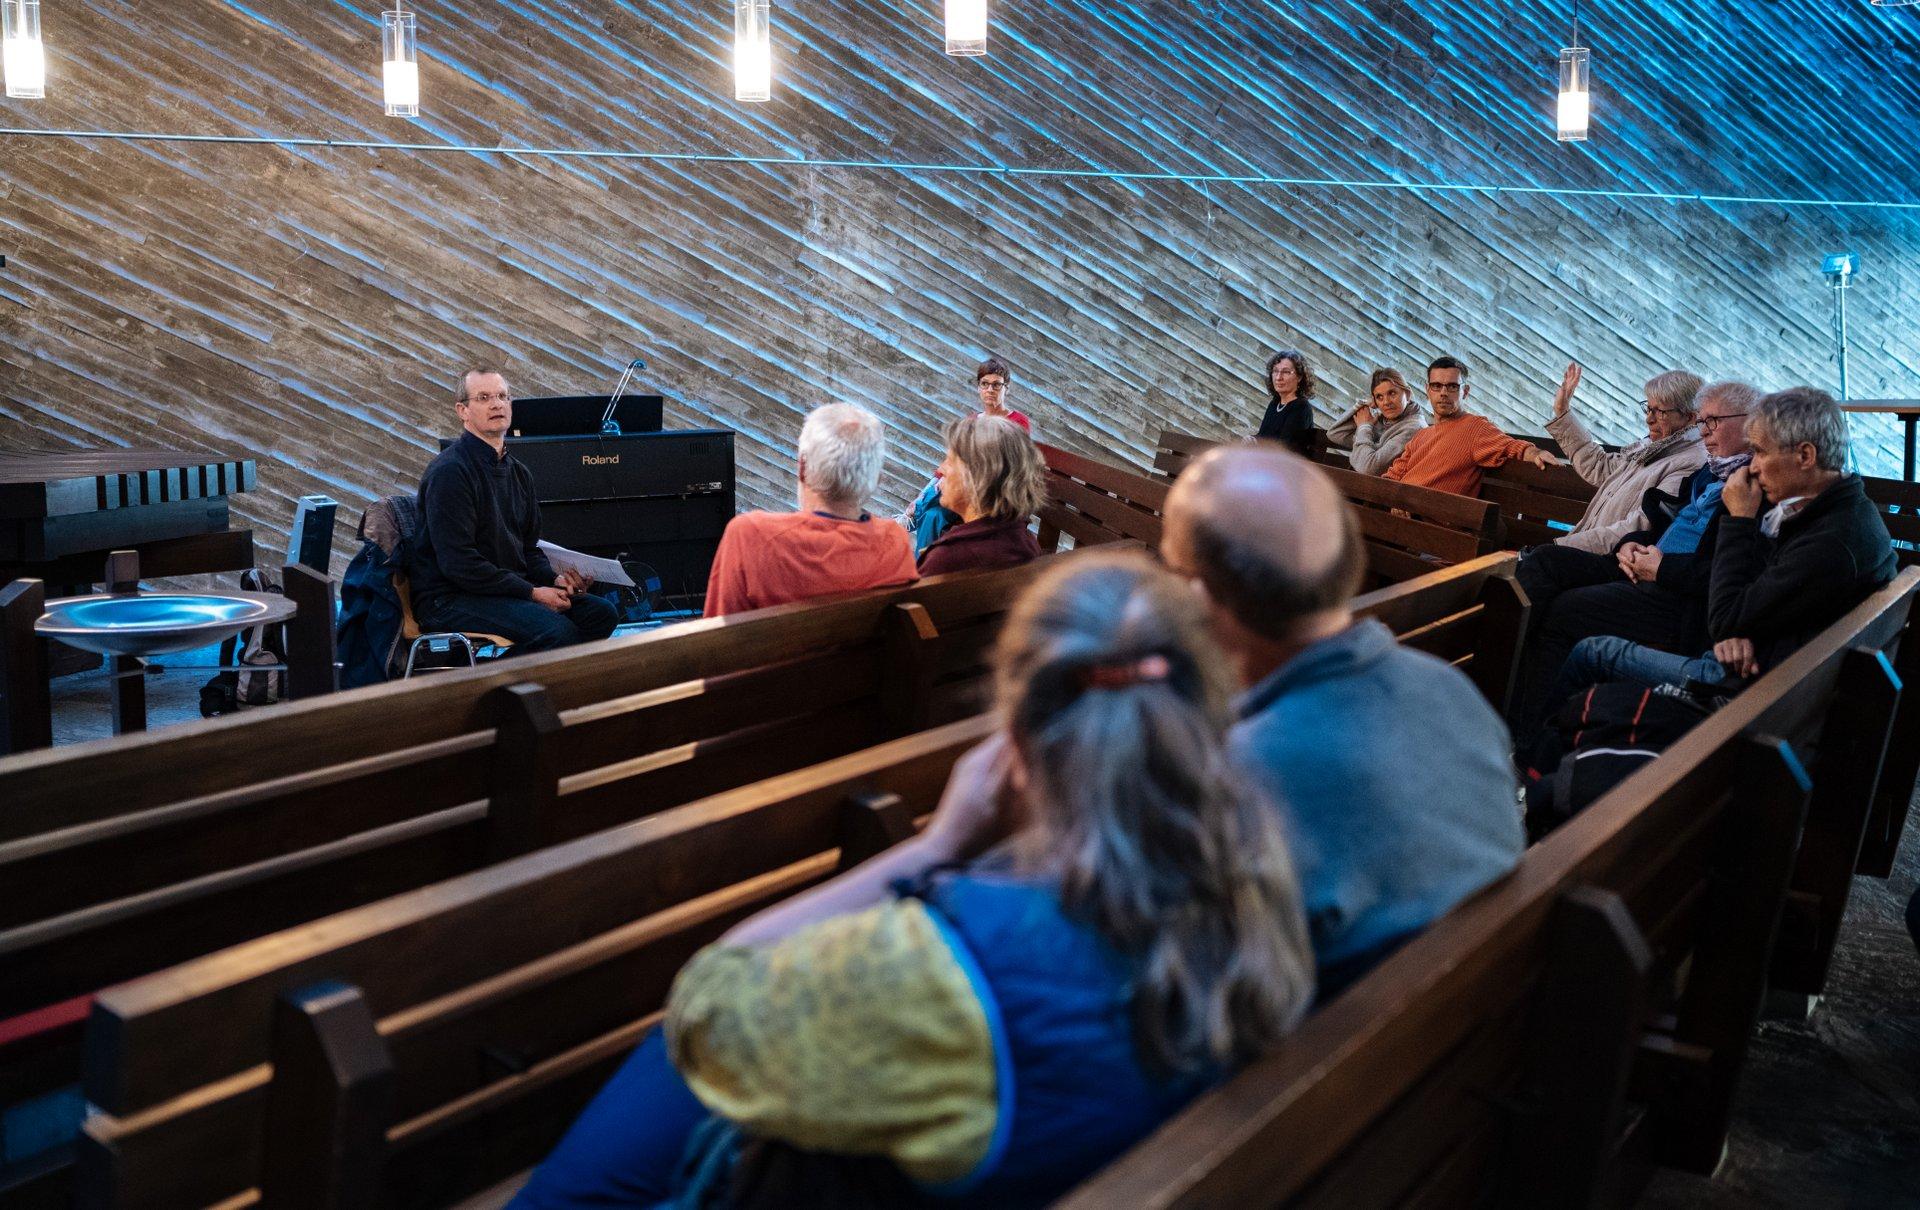 Besucher des Philosophischen Cafés in der Kulturkirche Ost in Köln